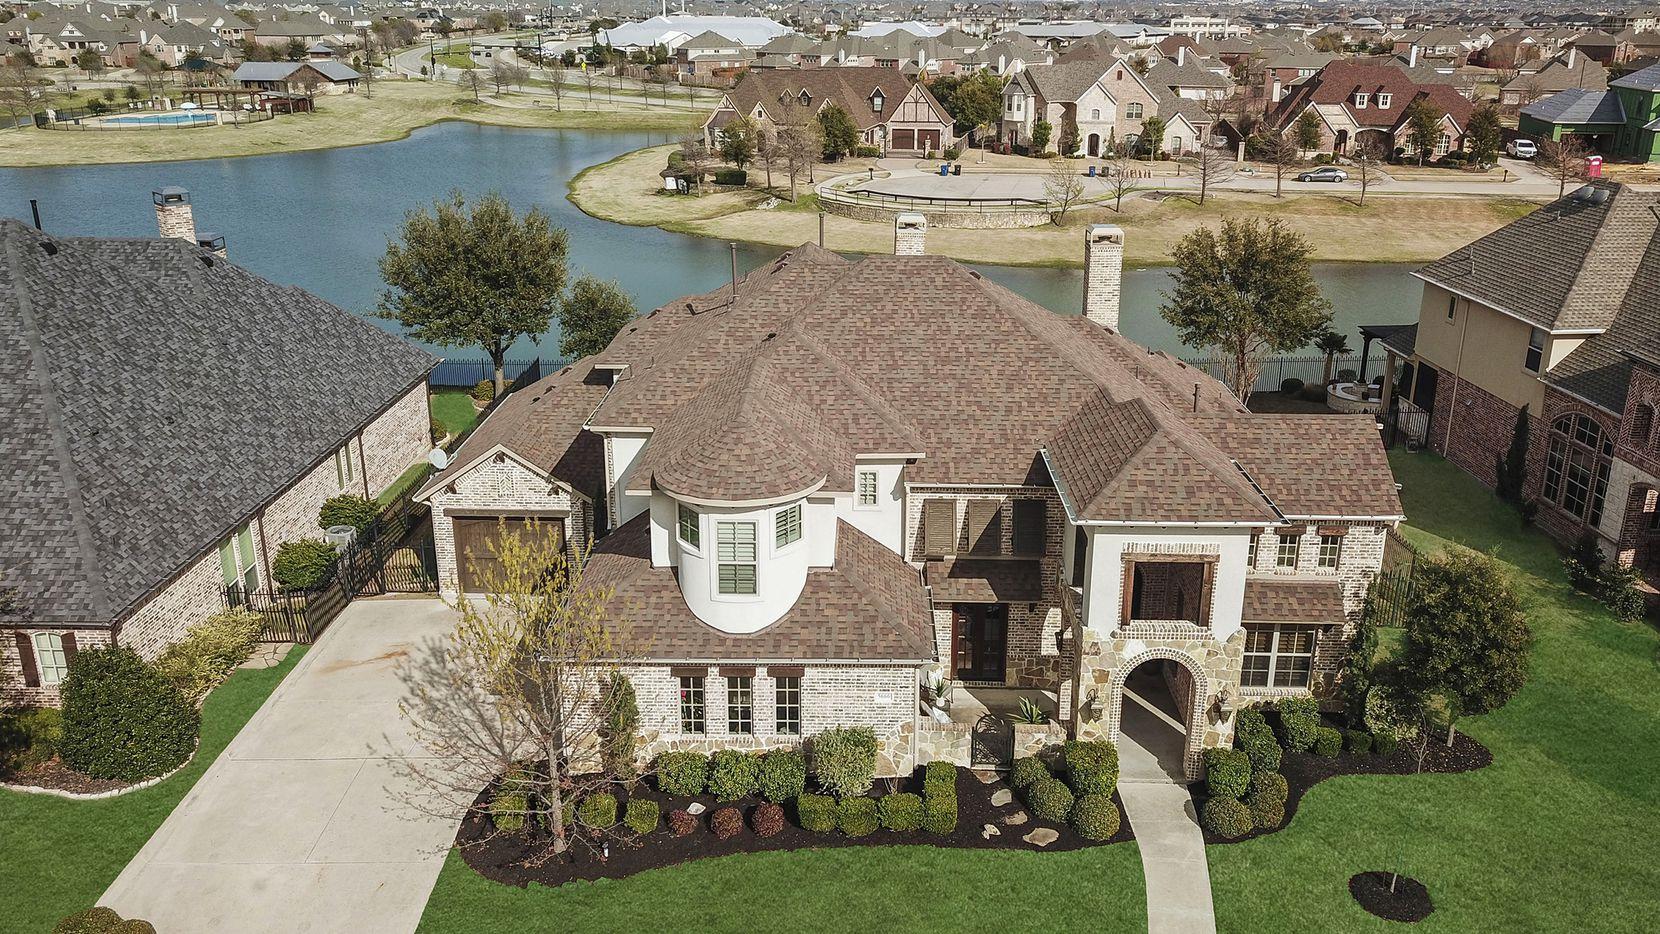 Comprar casa en Frisco es considerado una buena inversión por el sitio Wallet Hub.